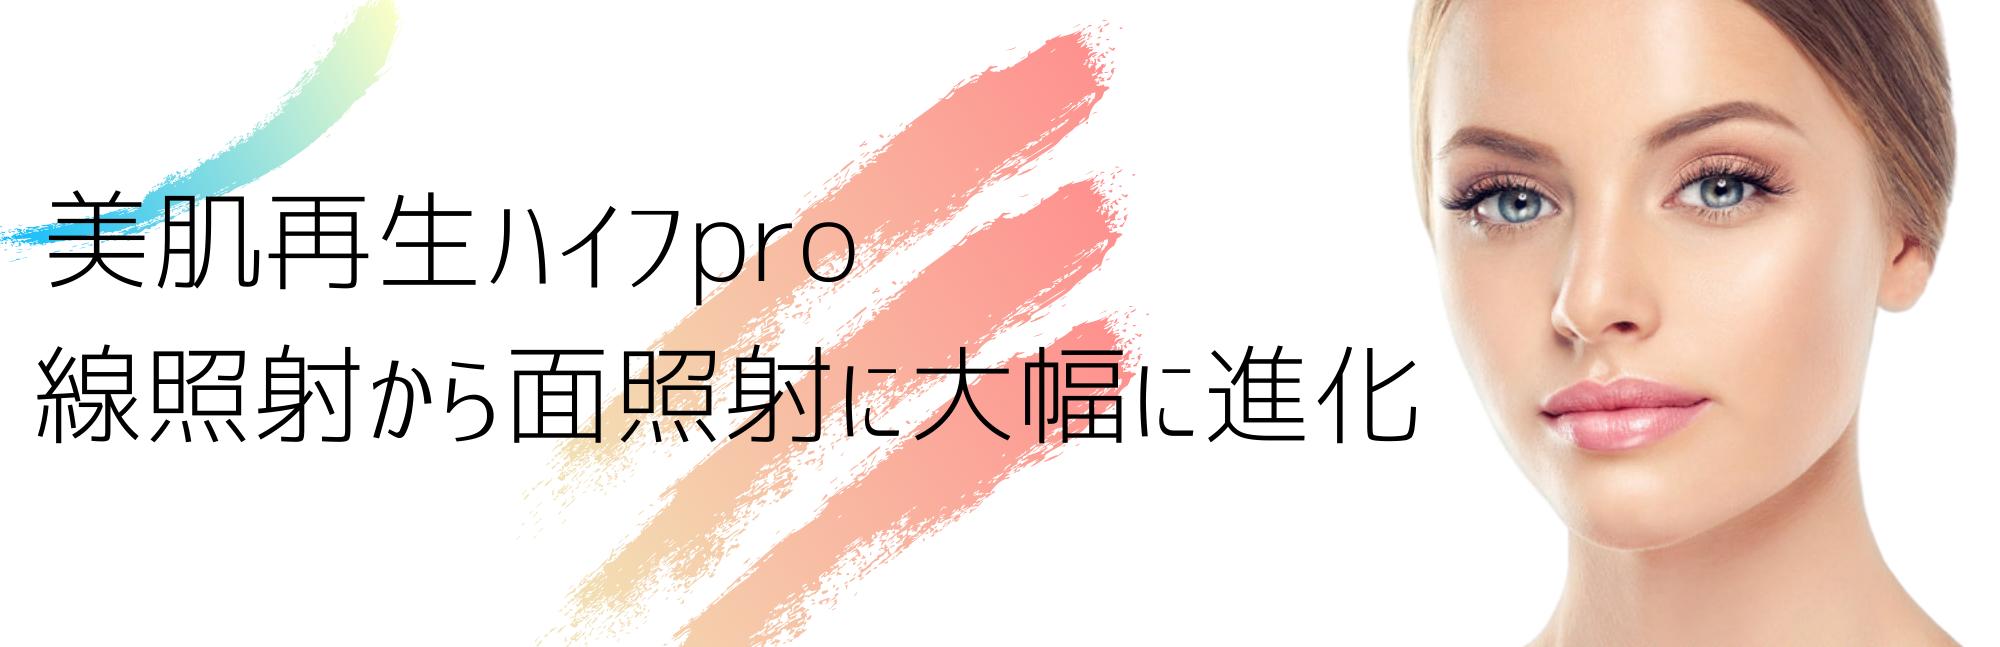 美肌再生ハイフproの写真